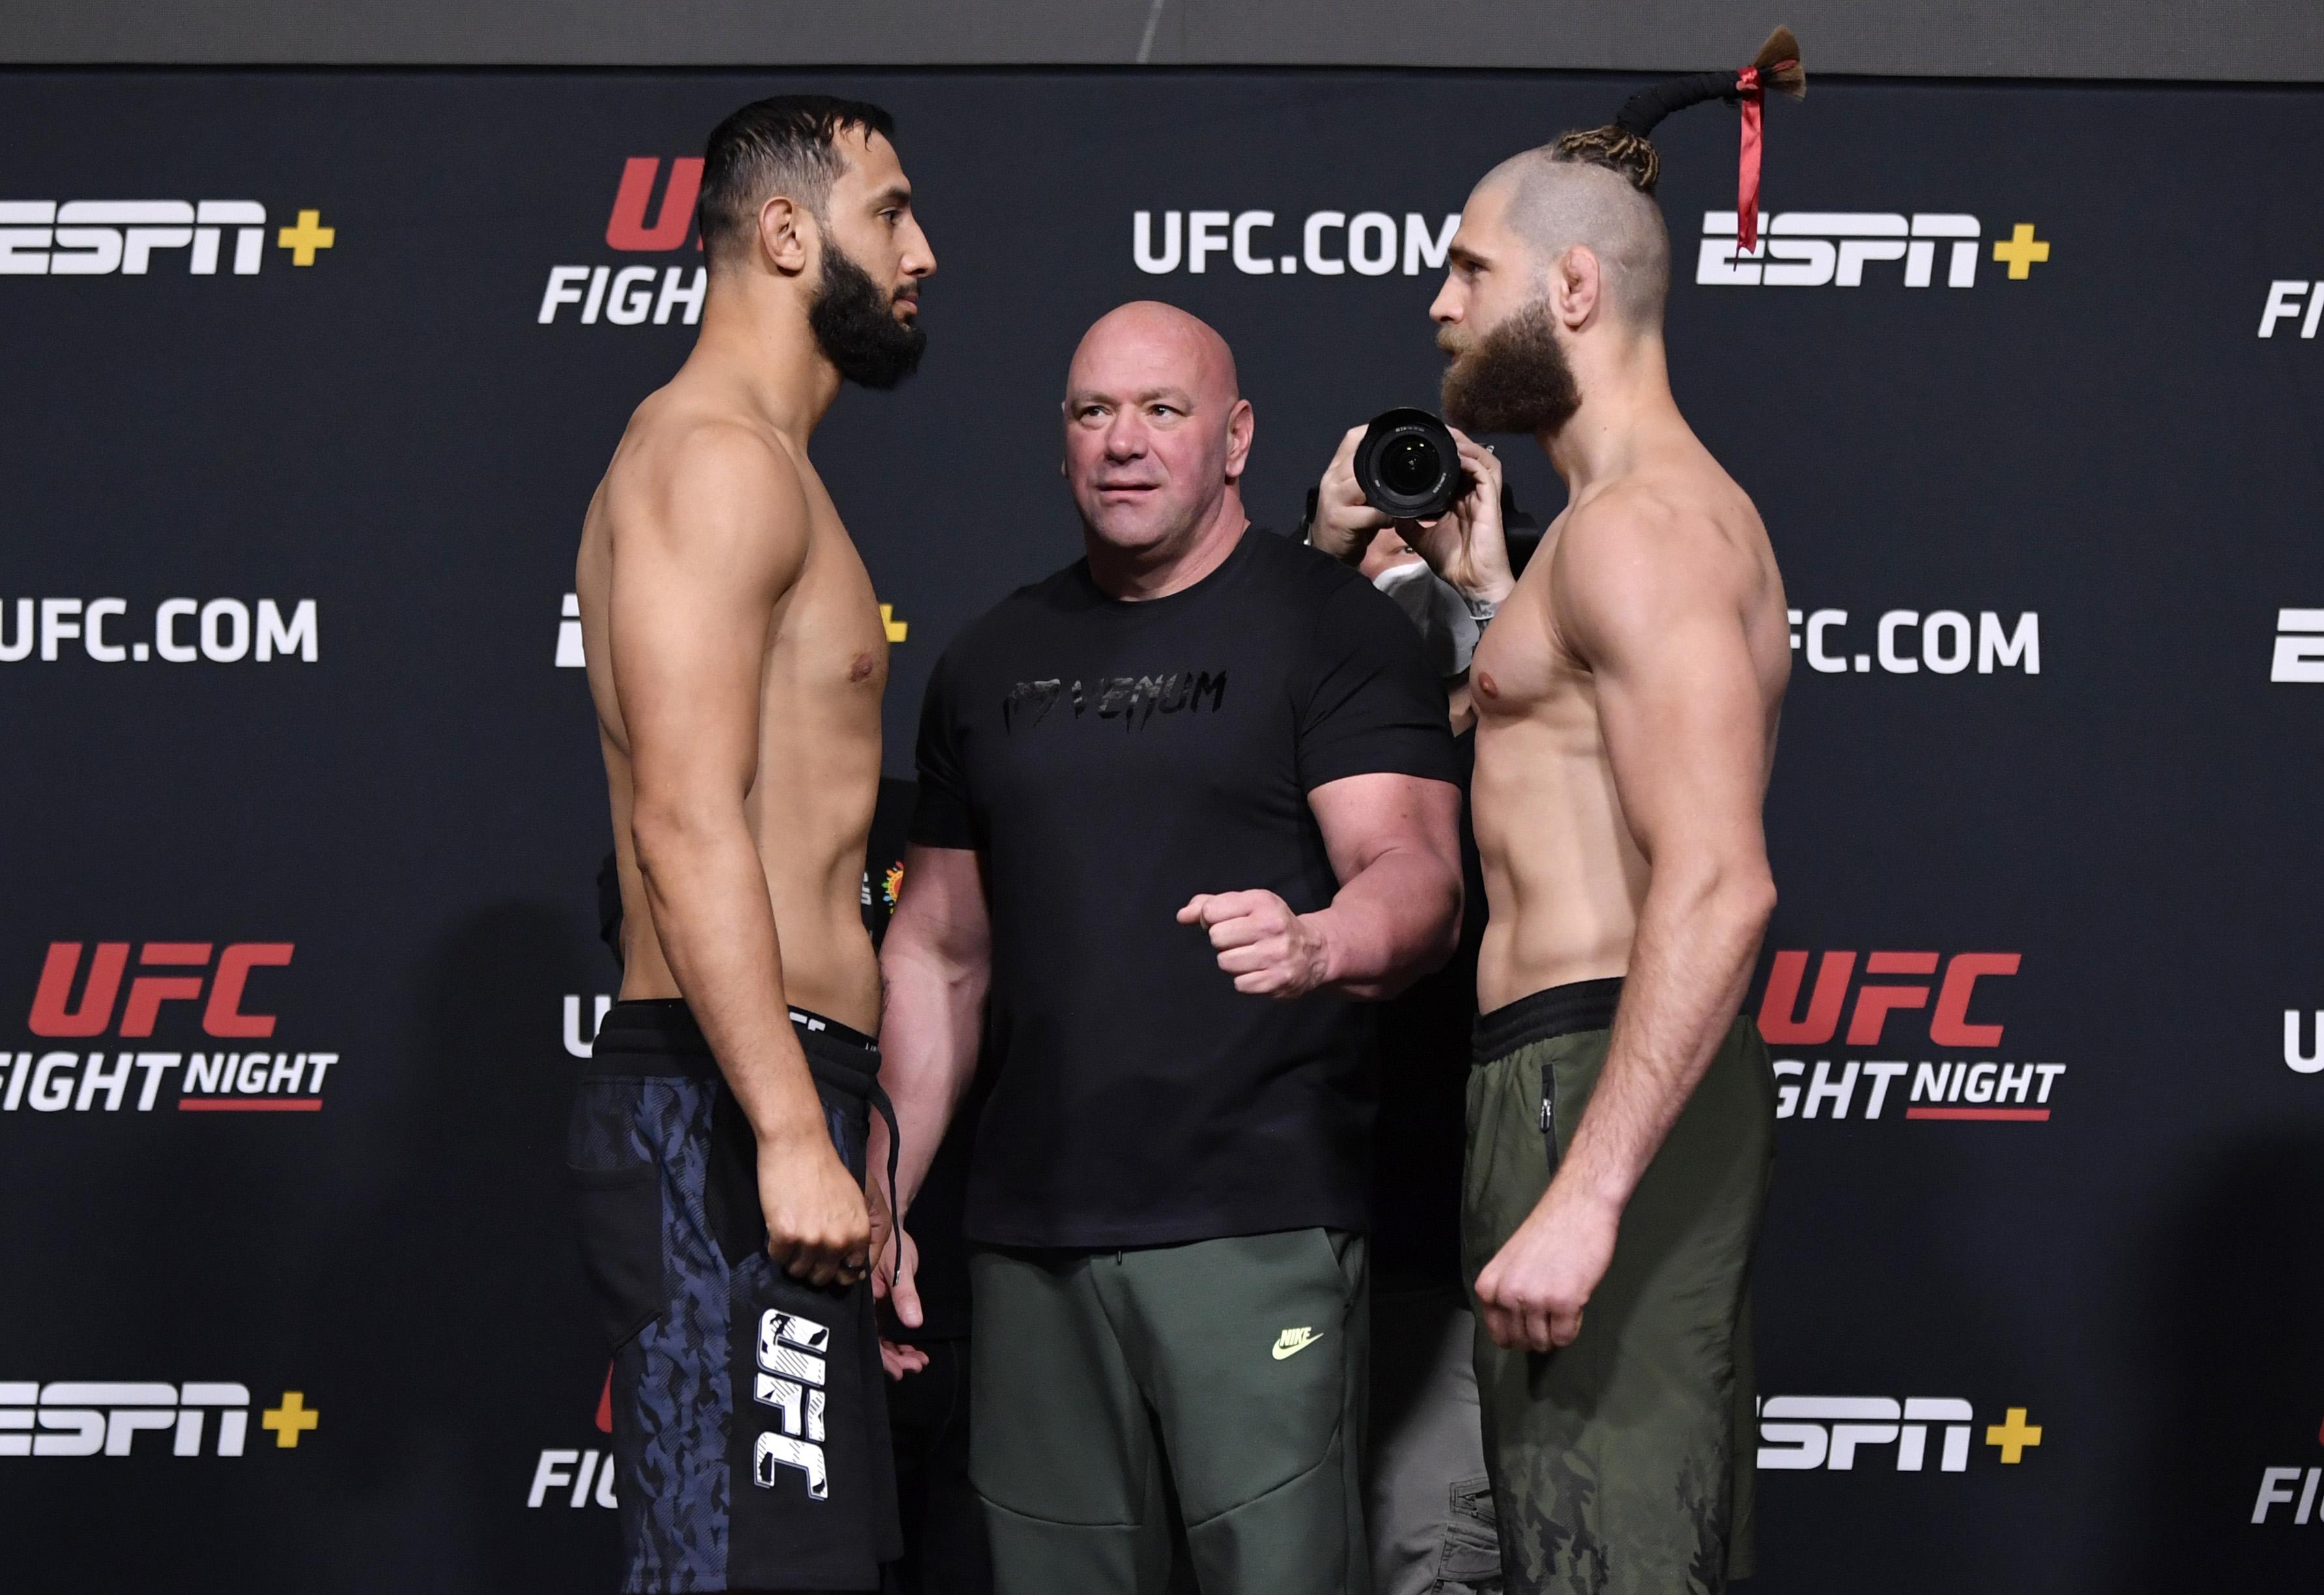 UFC打击夜:Reyes V Prochazka称重